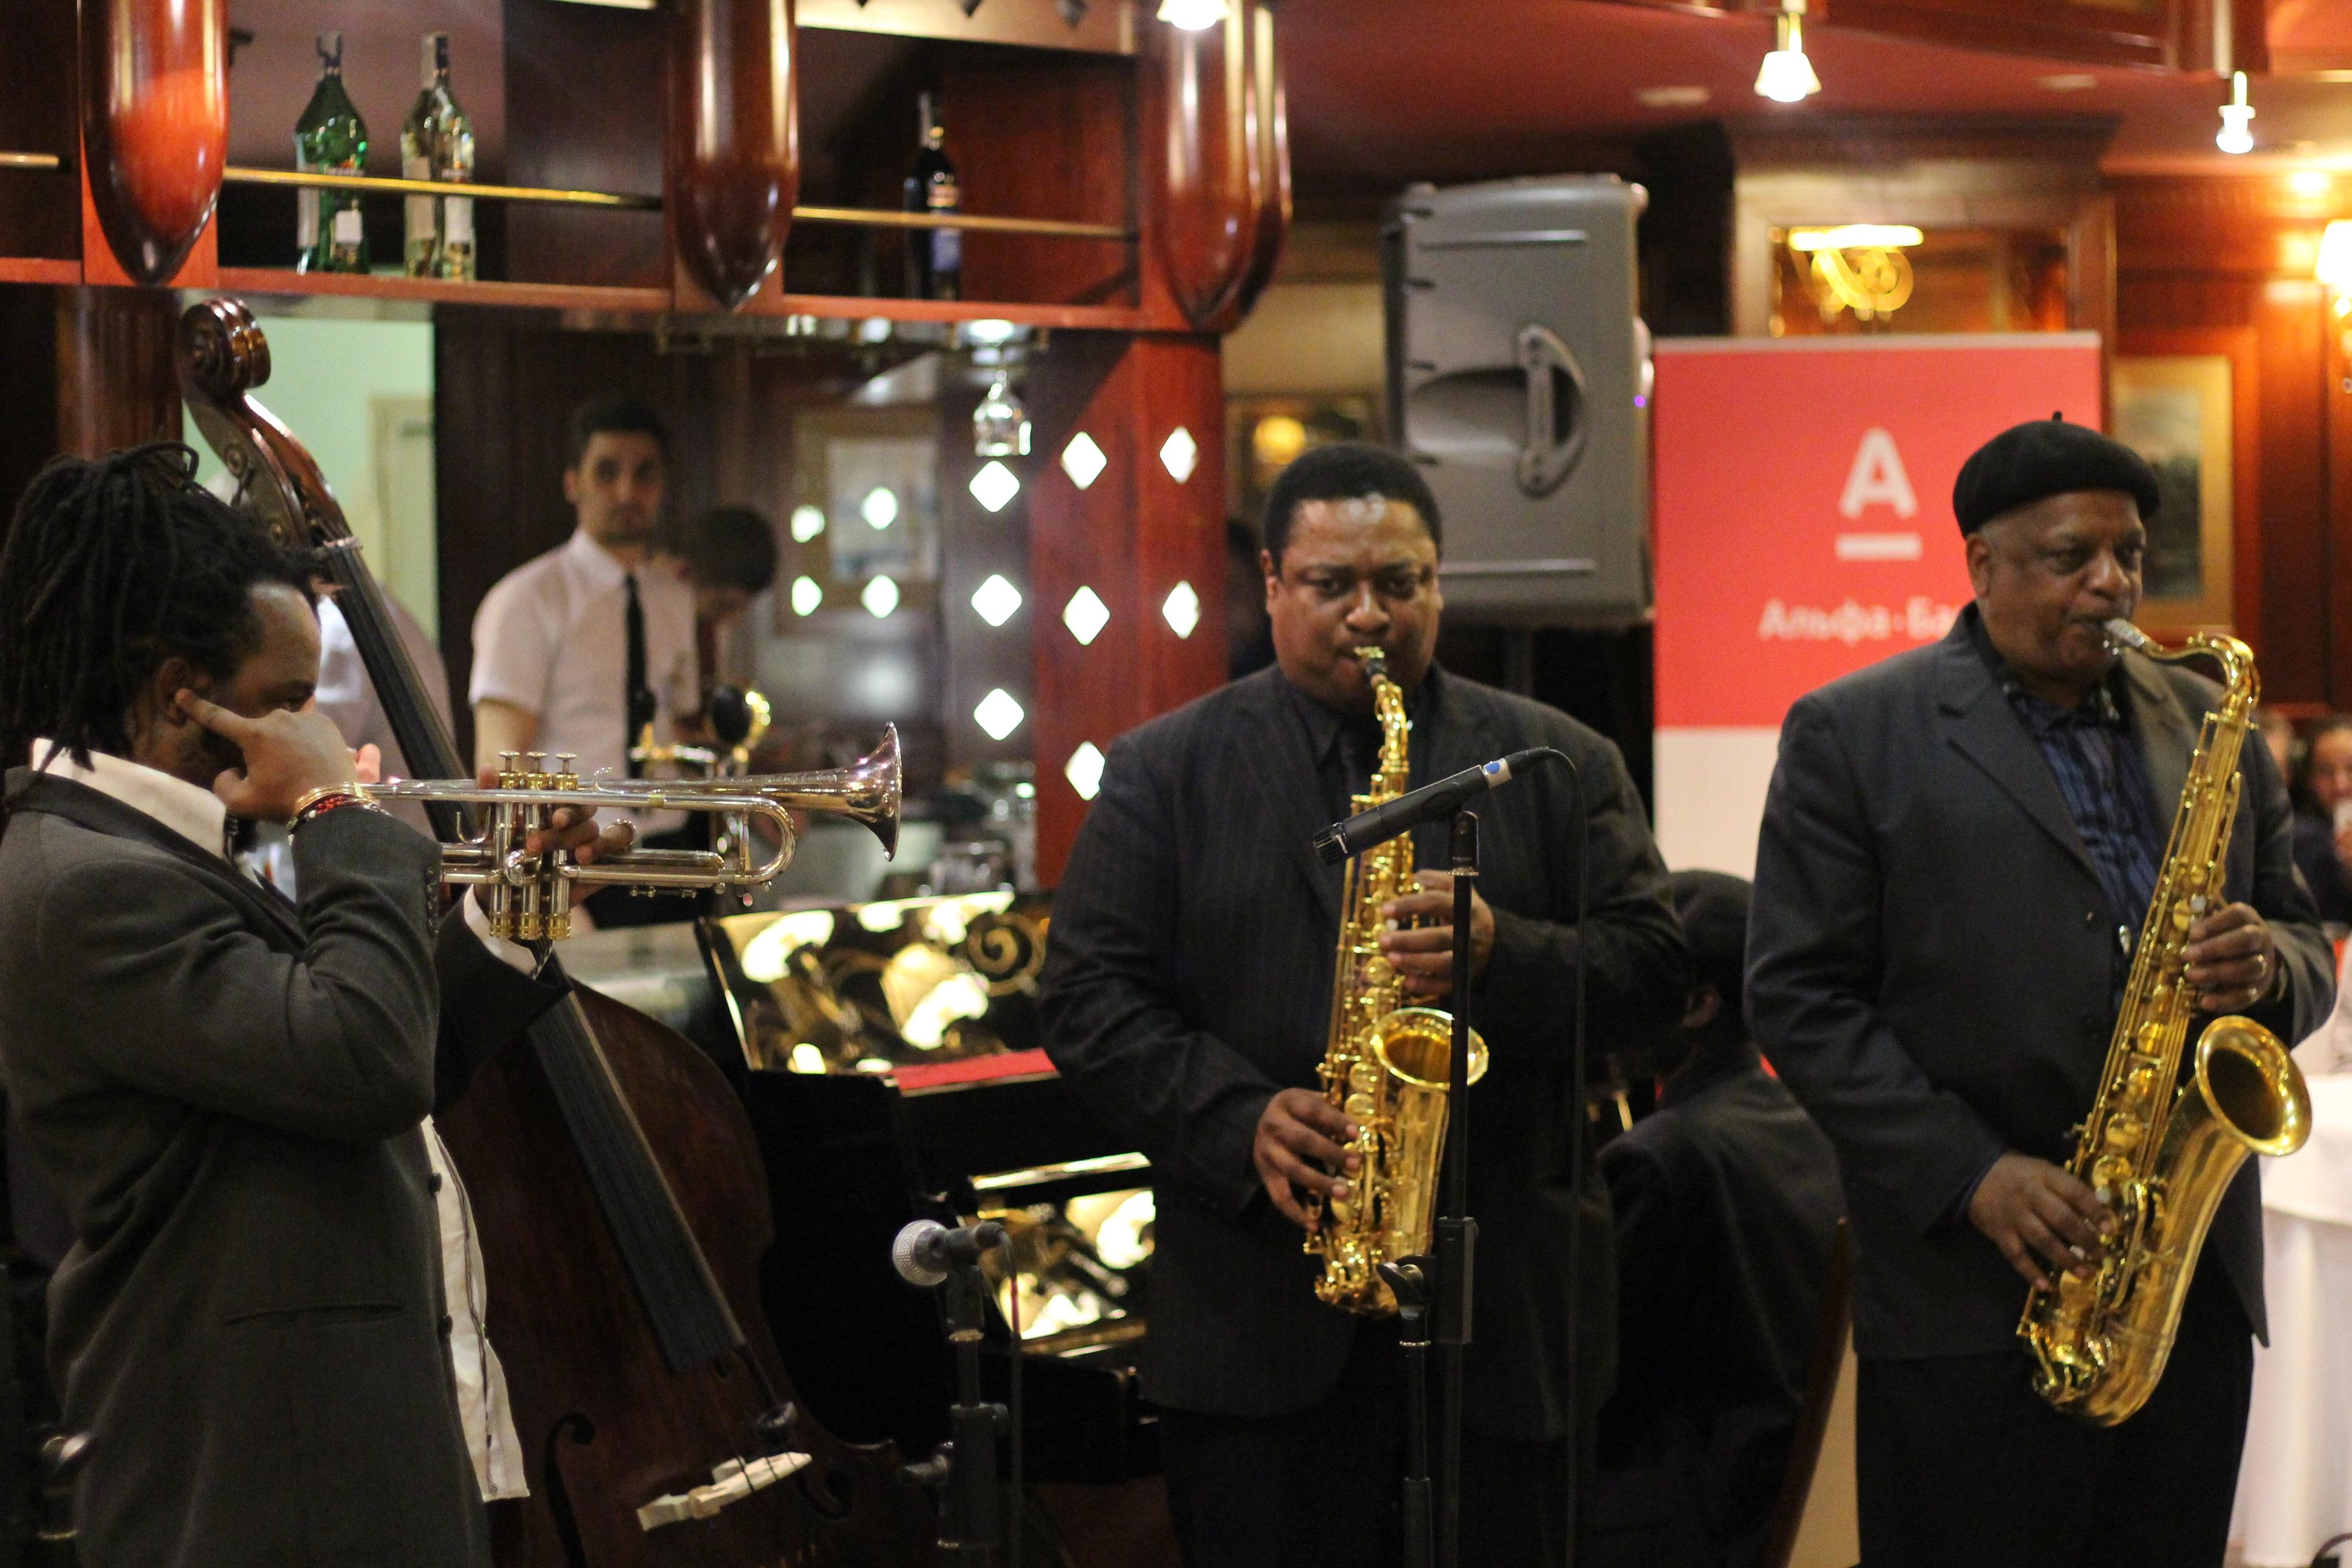 Jam session at 2013 minsk jazz festival